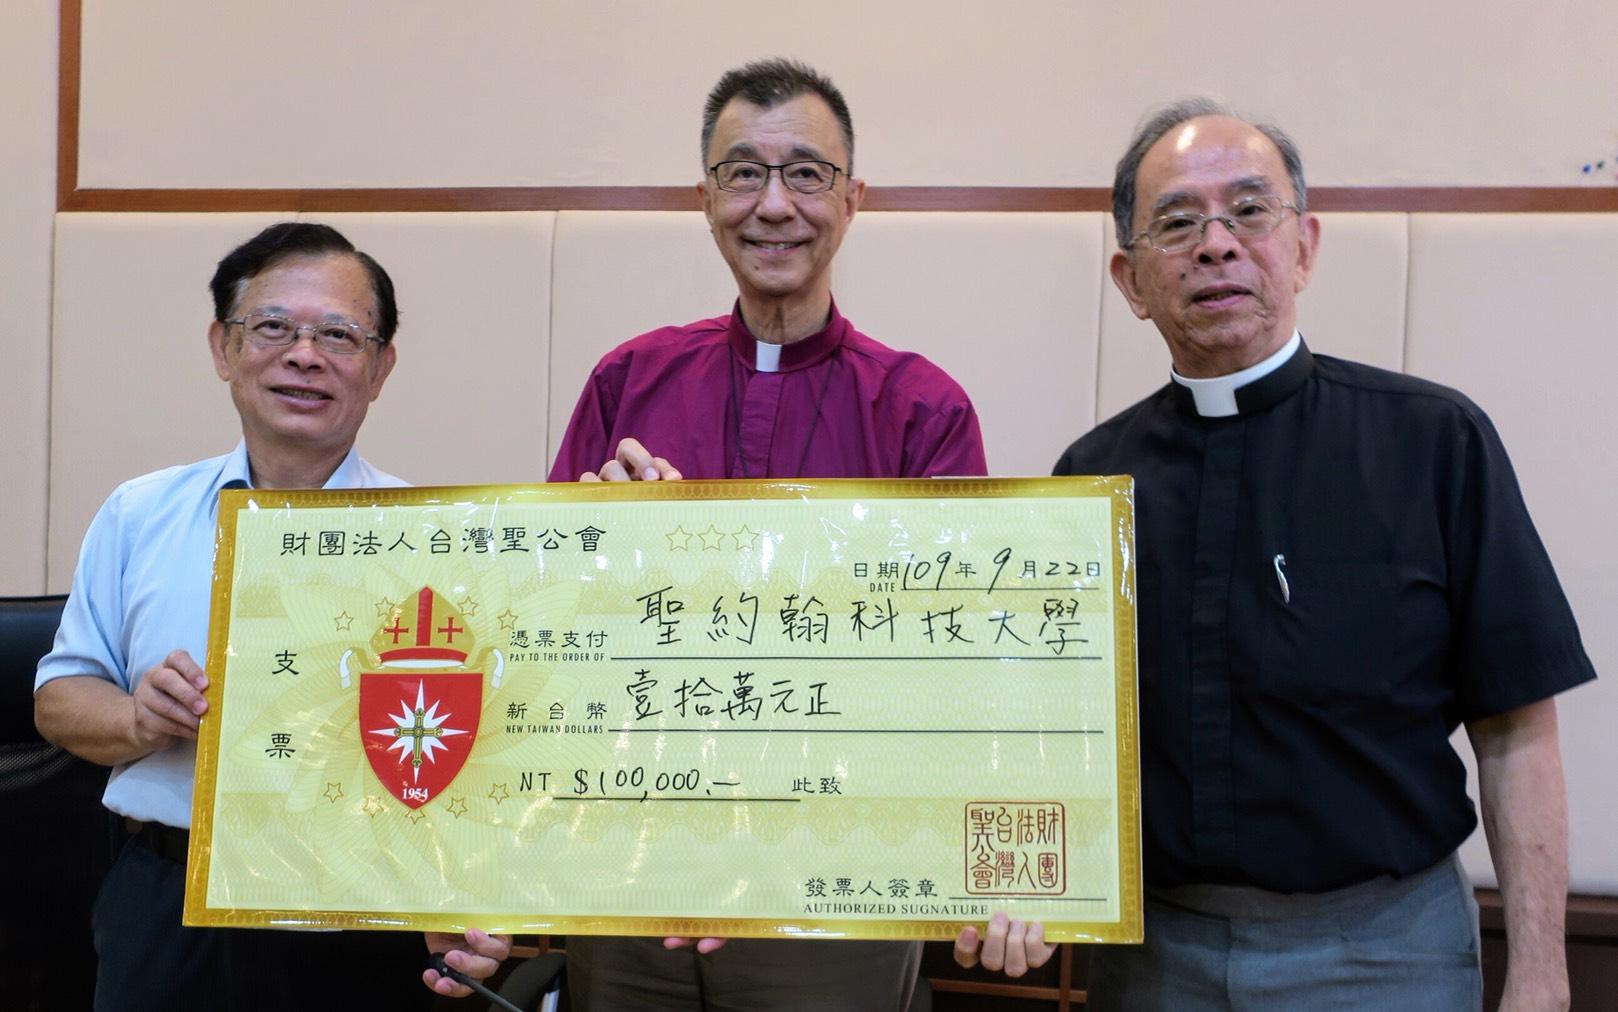 聖約翰科大攜手台灣聖公會三一書院 共同推動生命教育通識課程-AI人工智慧